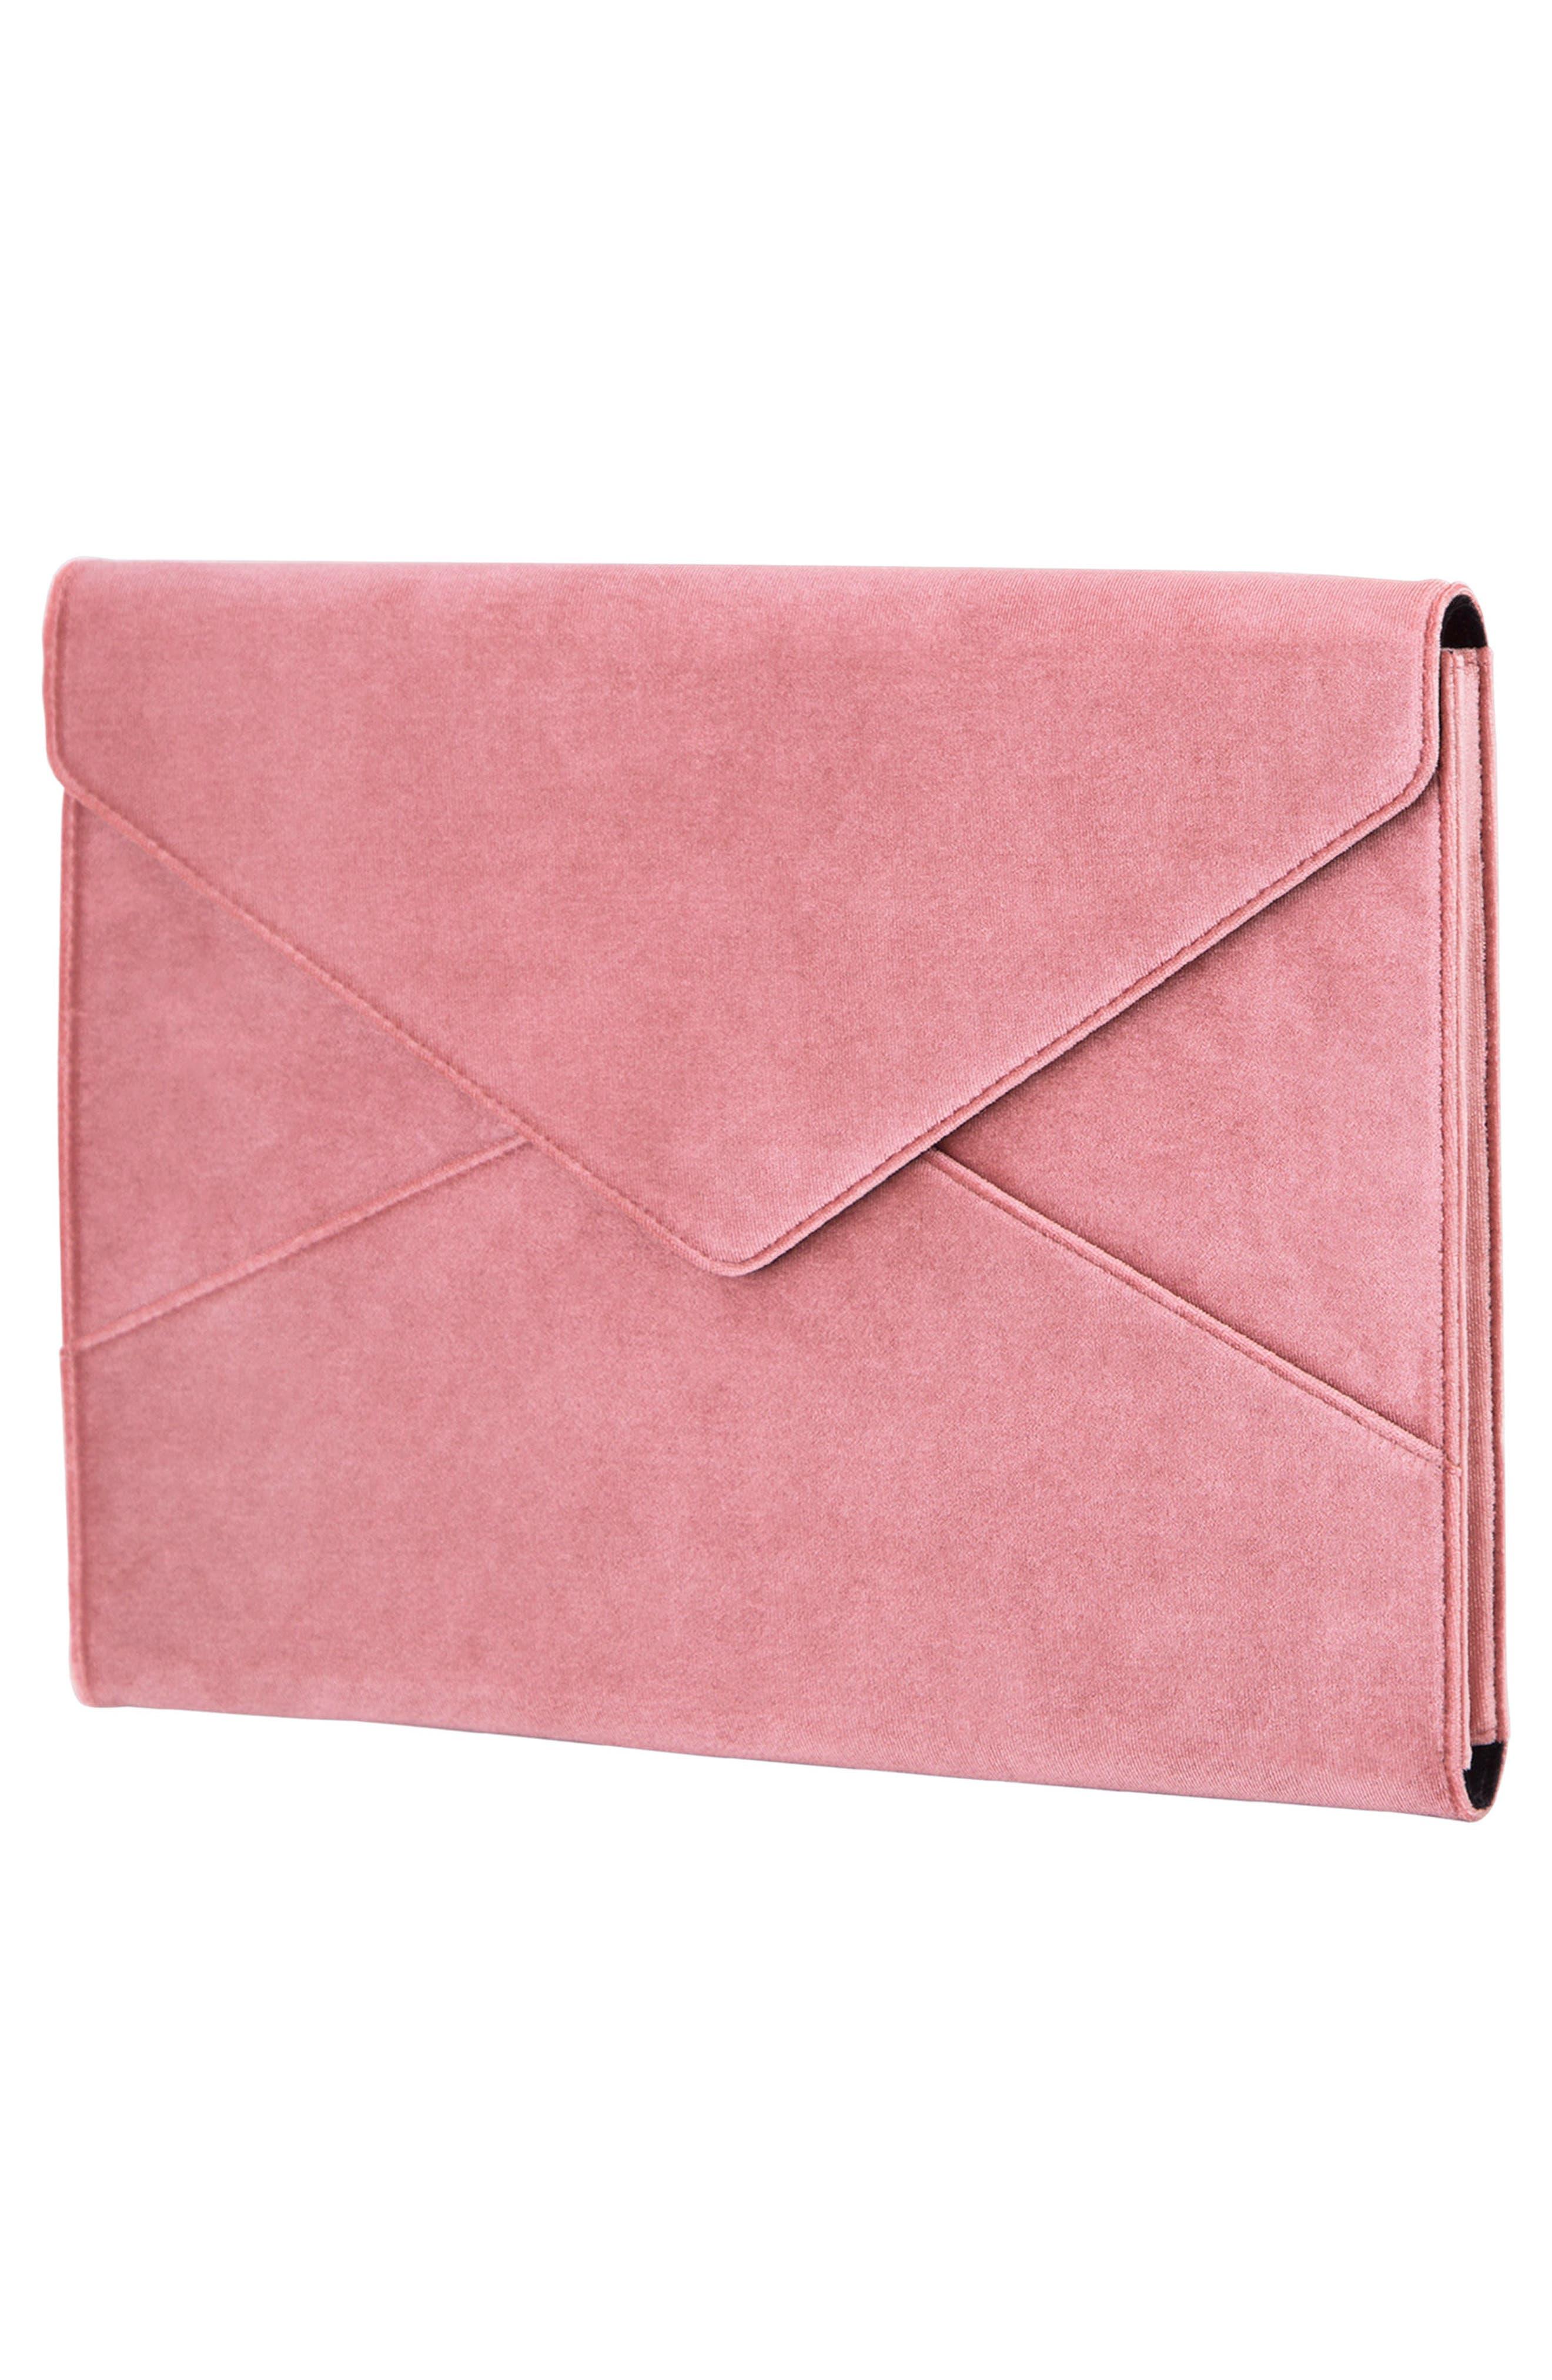 Rose Velvet Laptop Clutch,                             Alternate thumbnail 4, color,                             650